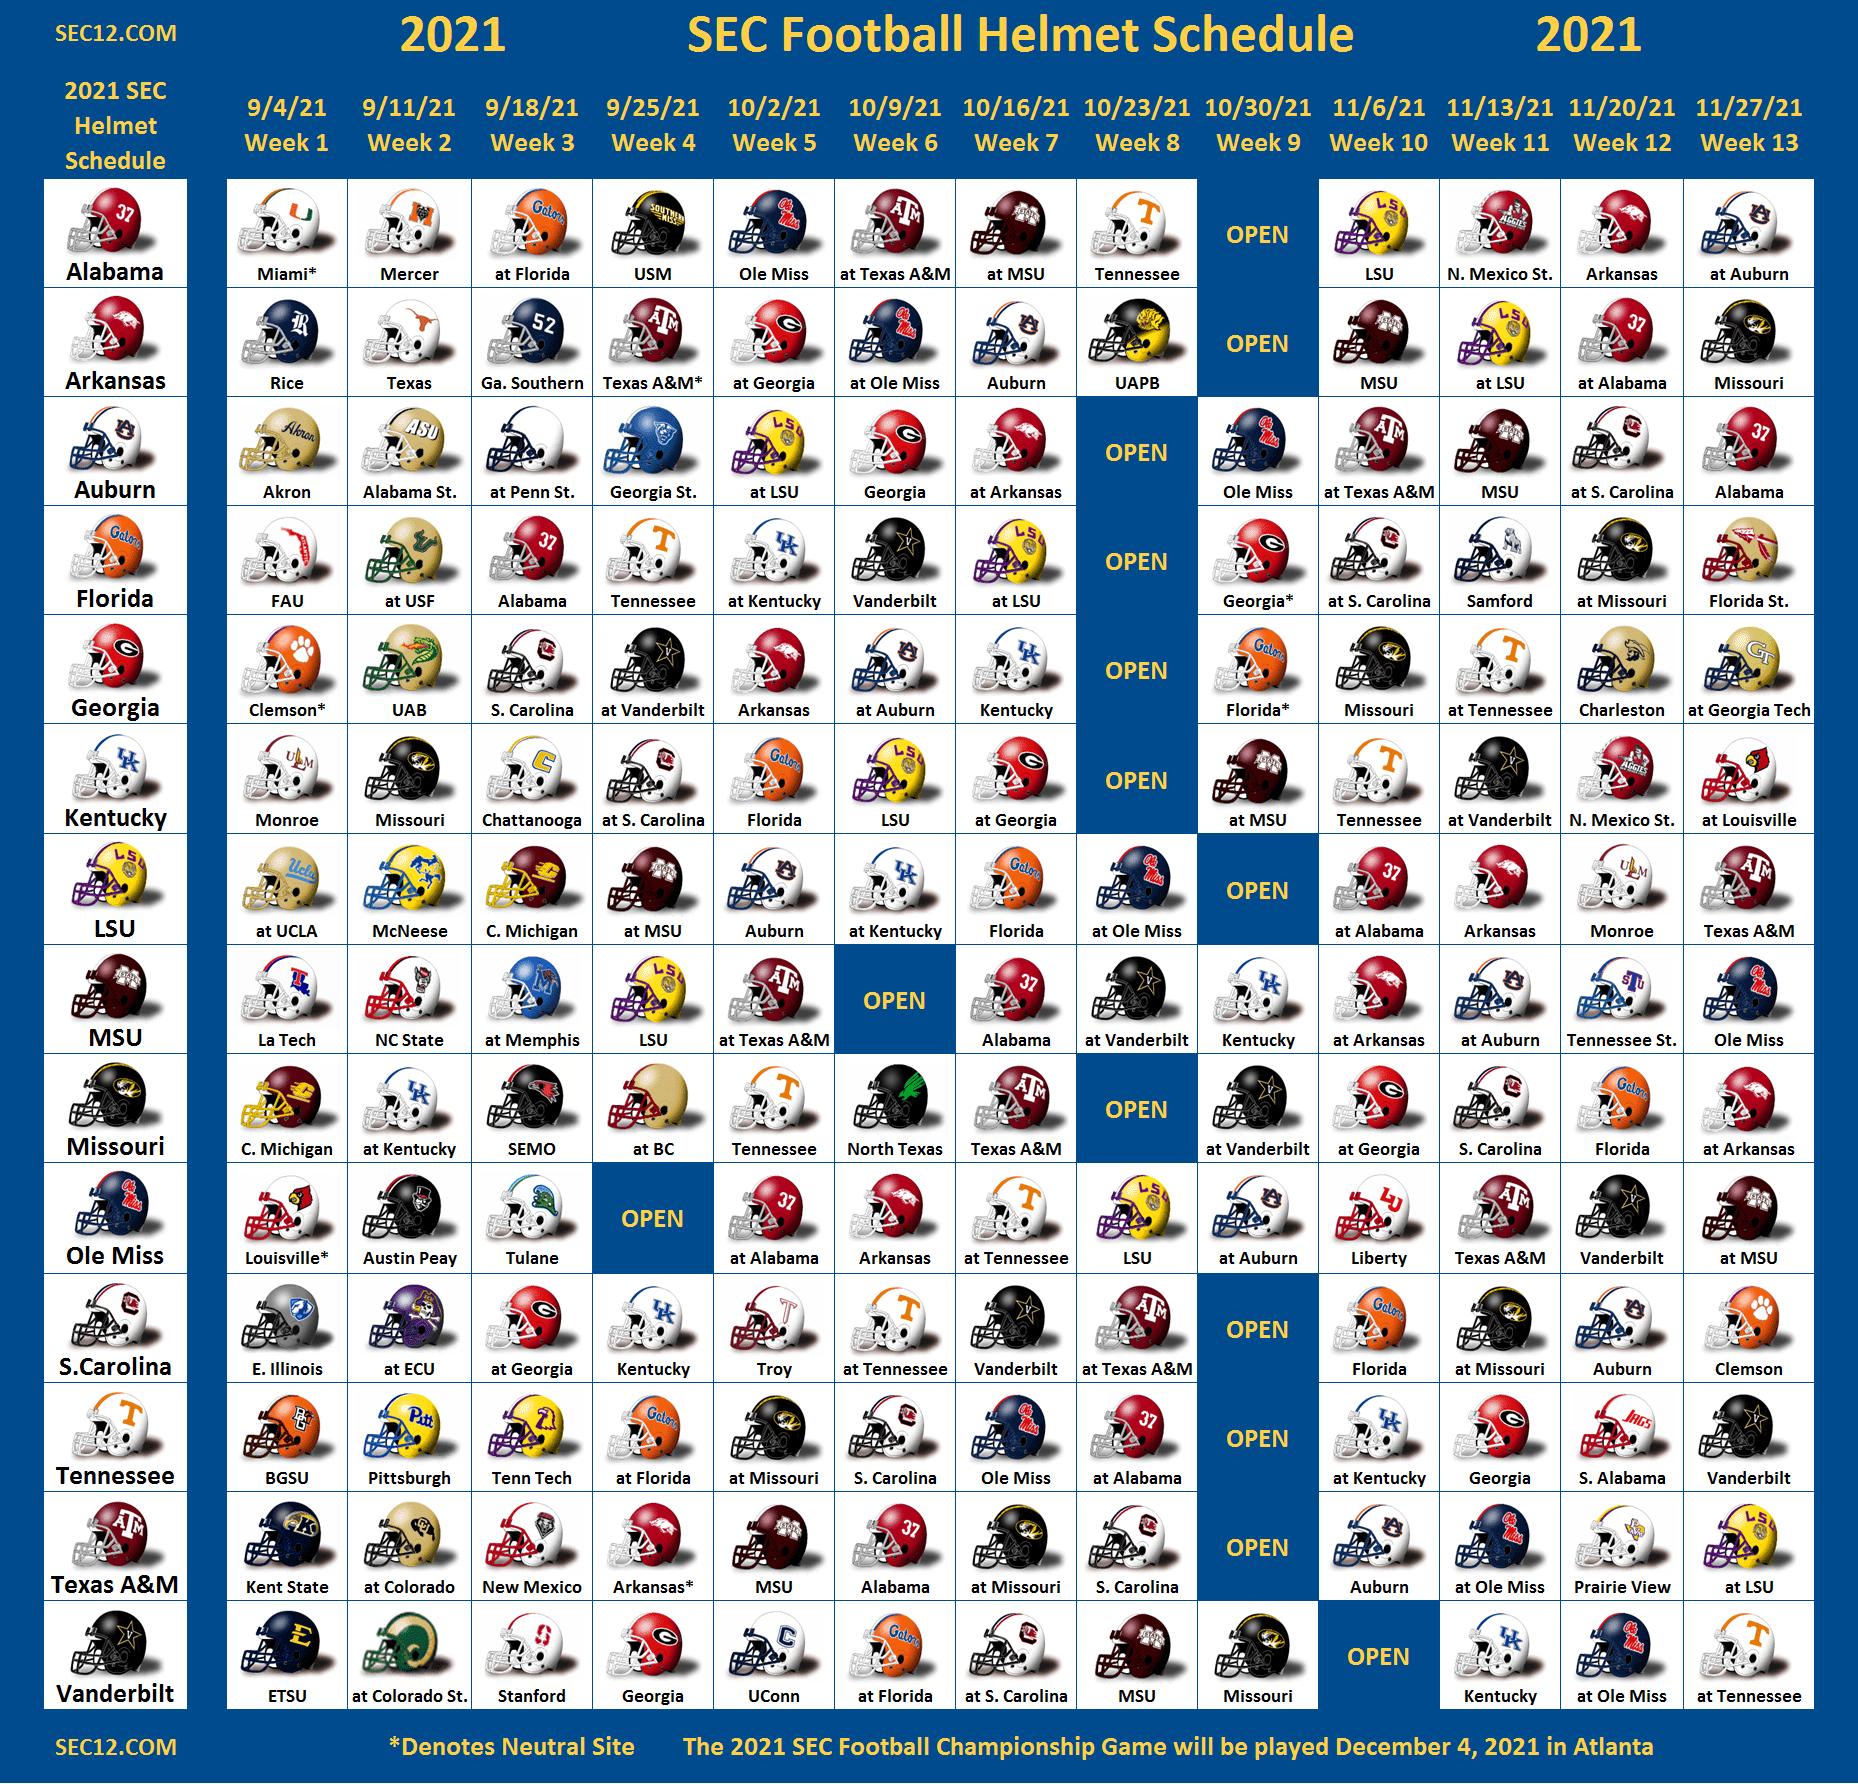 2021 SEC Football Helmet Schedule SEC12 SEC Football